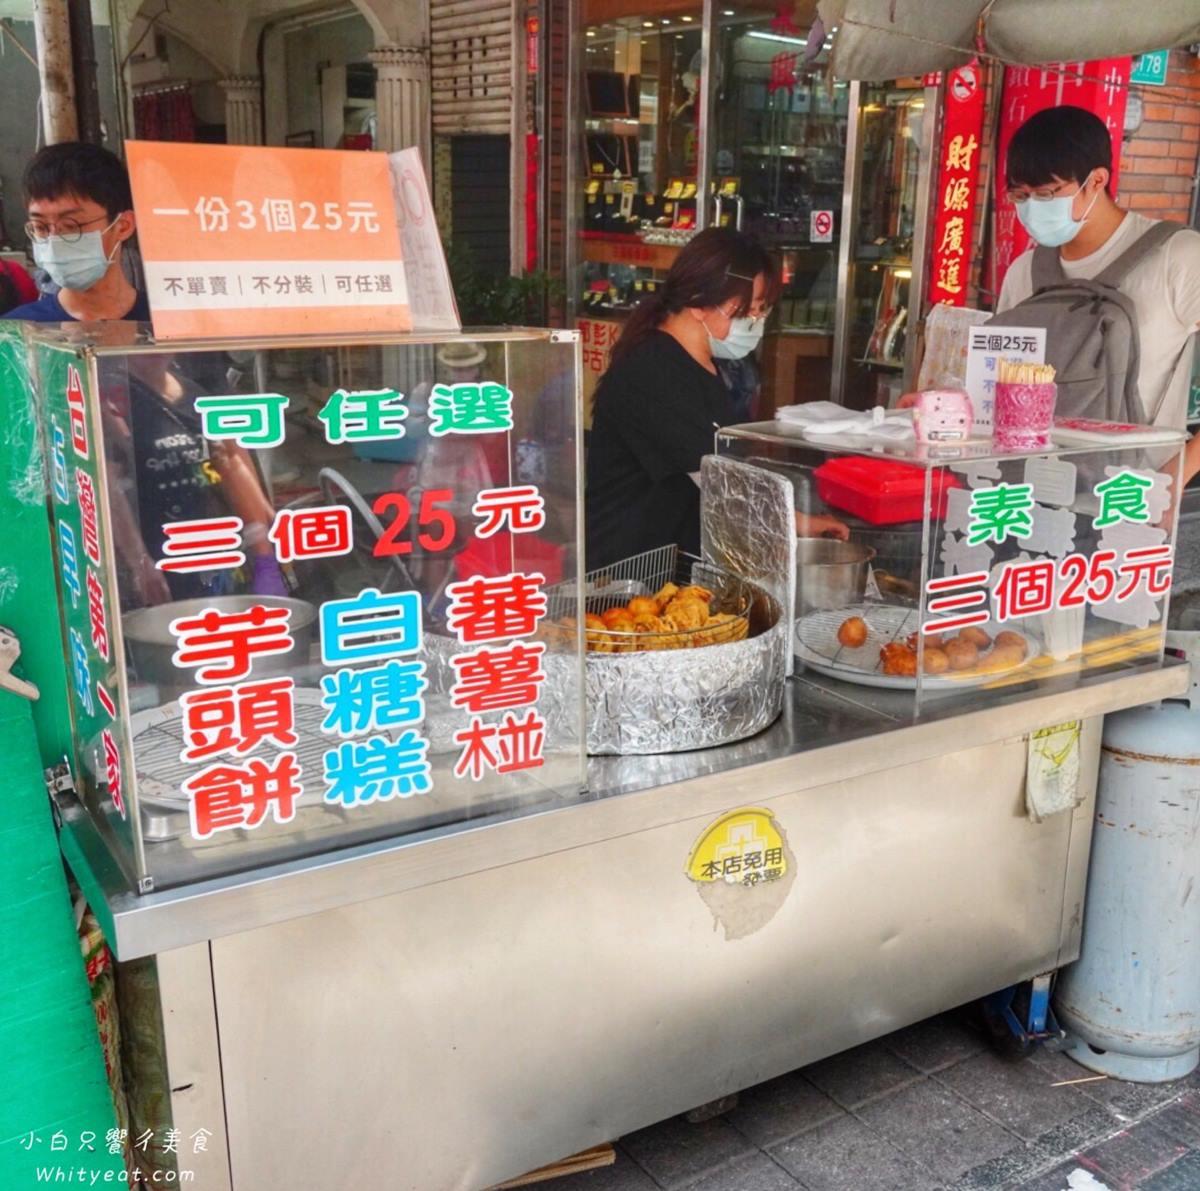 3個只要25元!台南60年古早味白糖粿外酥內軟,內餡綿密芋頭餅也必吃